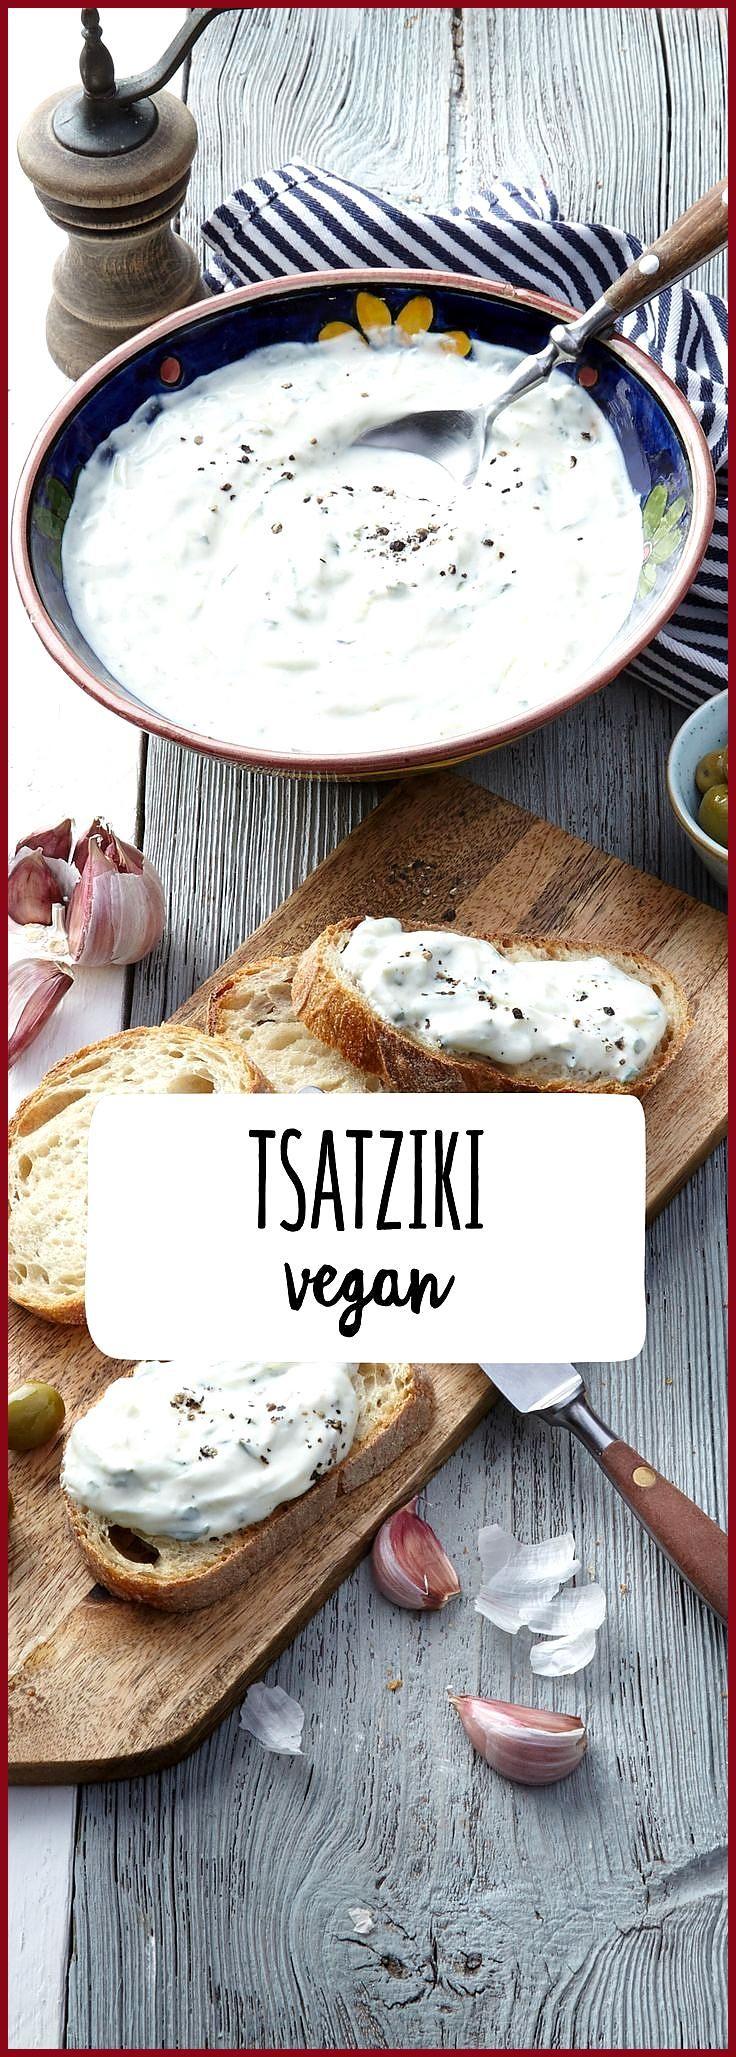 Veganer Tsatziki #Fitness food illustration #Fitness food low carb #Tsatziki #Veganer